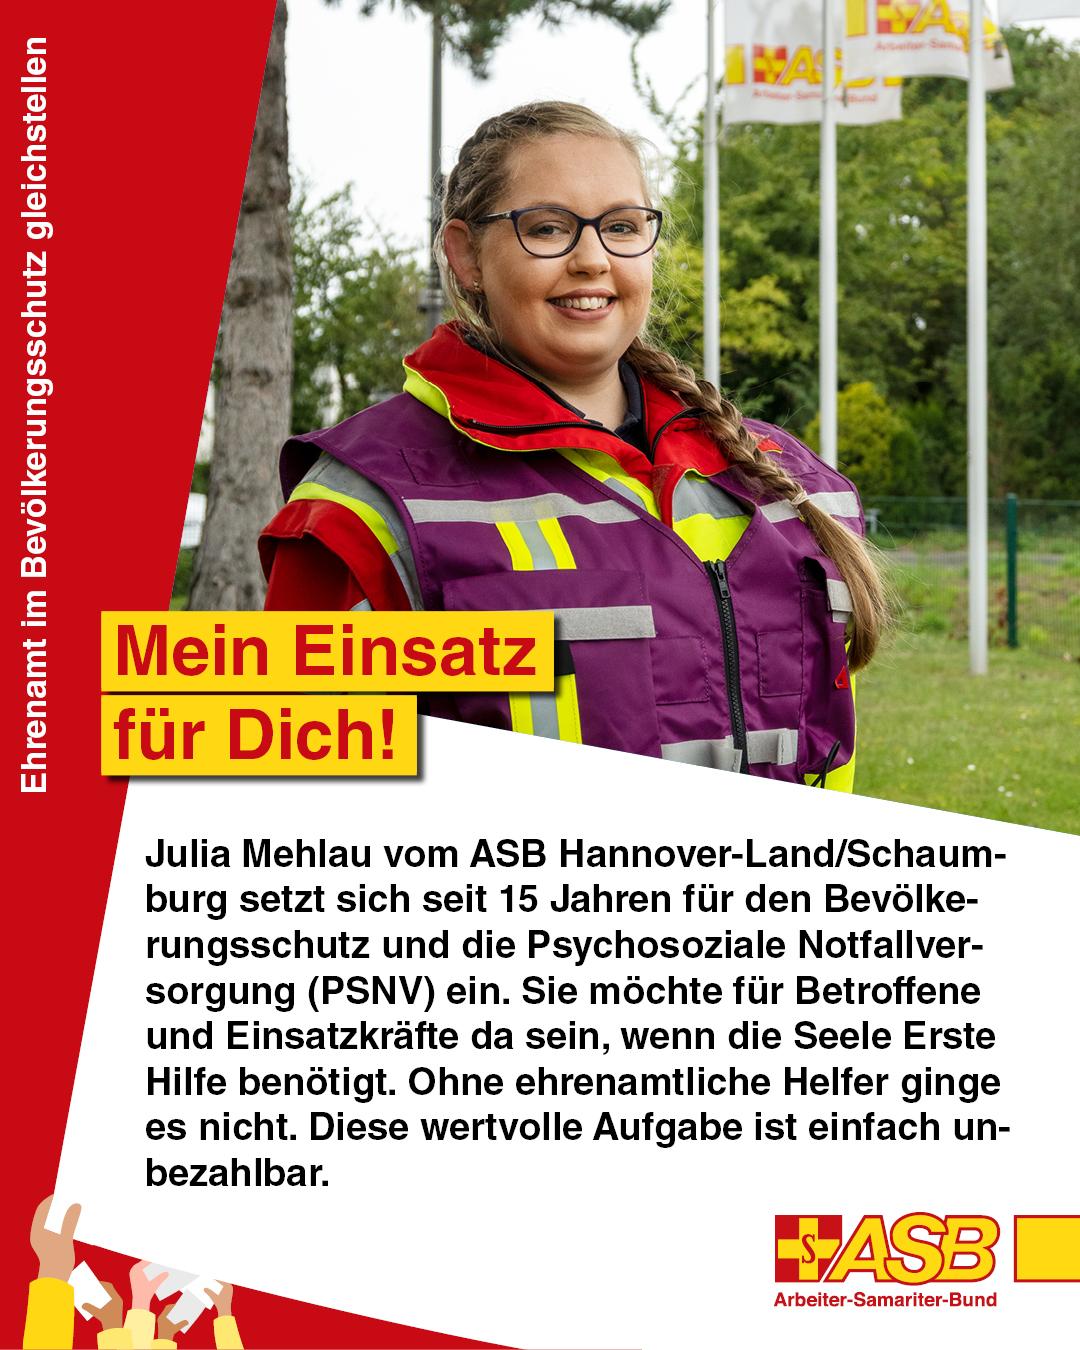 ASB-Forderungen-FB-IG_Ehrenamt-Niedersachsen.jpg